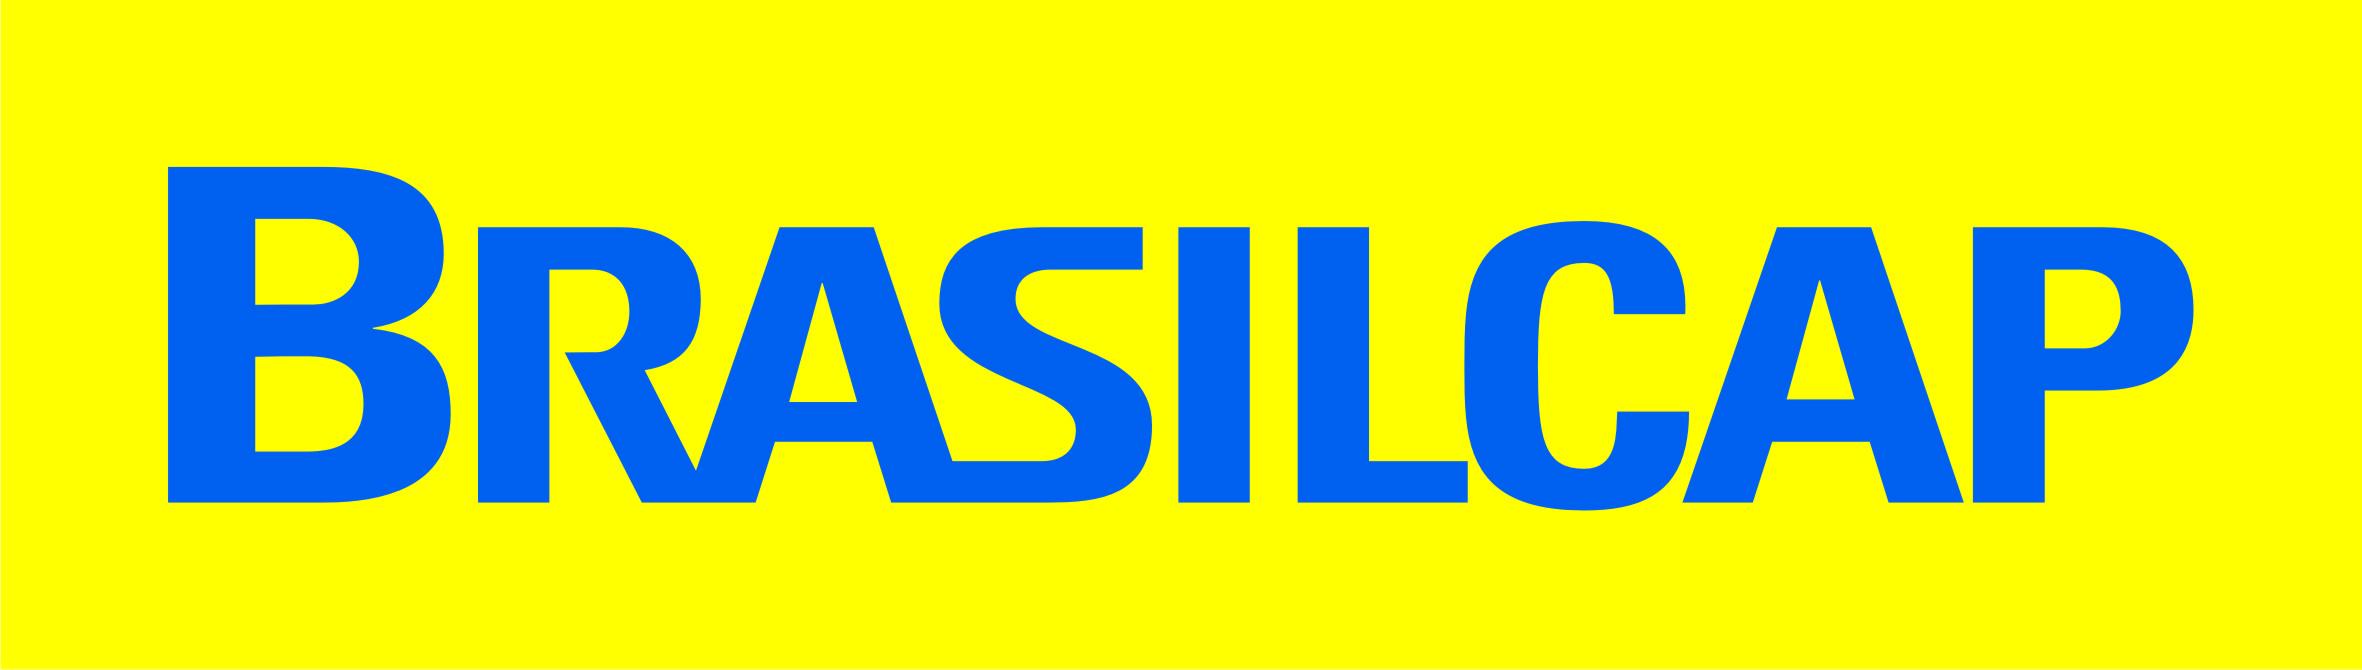 Descrição da imagem: logotipo da Brasilcap